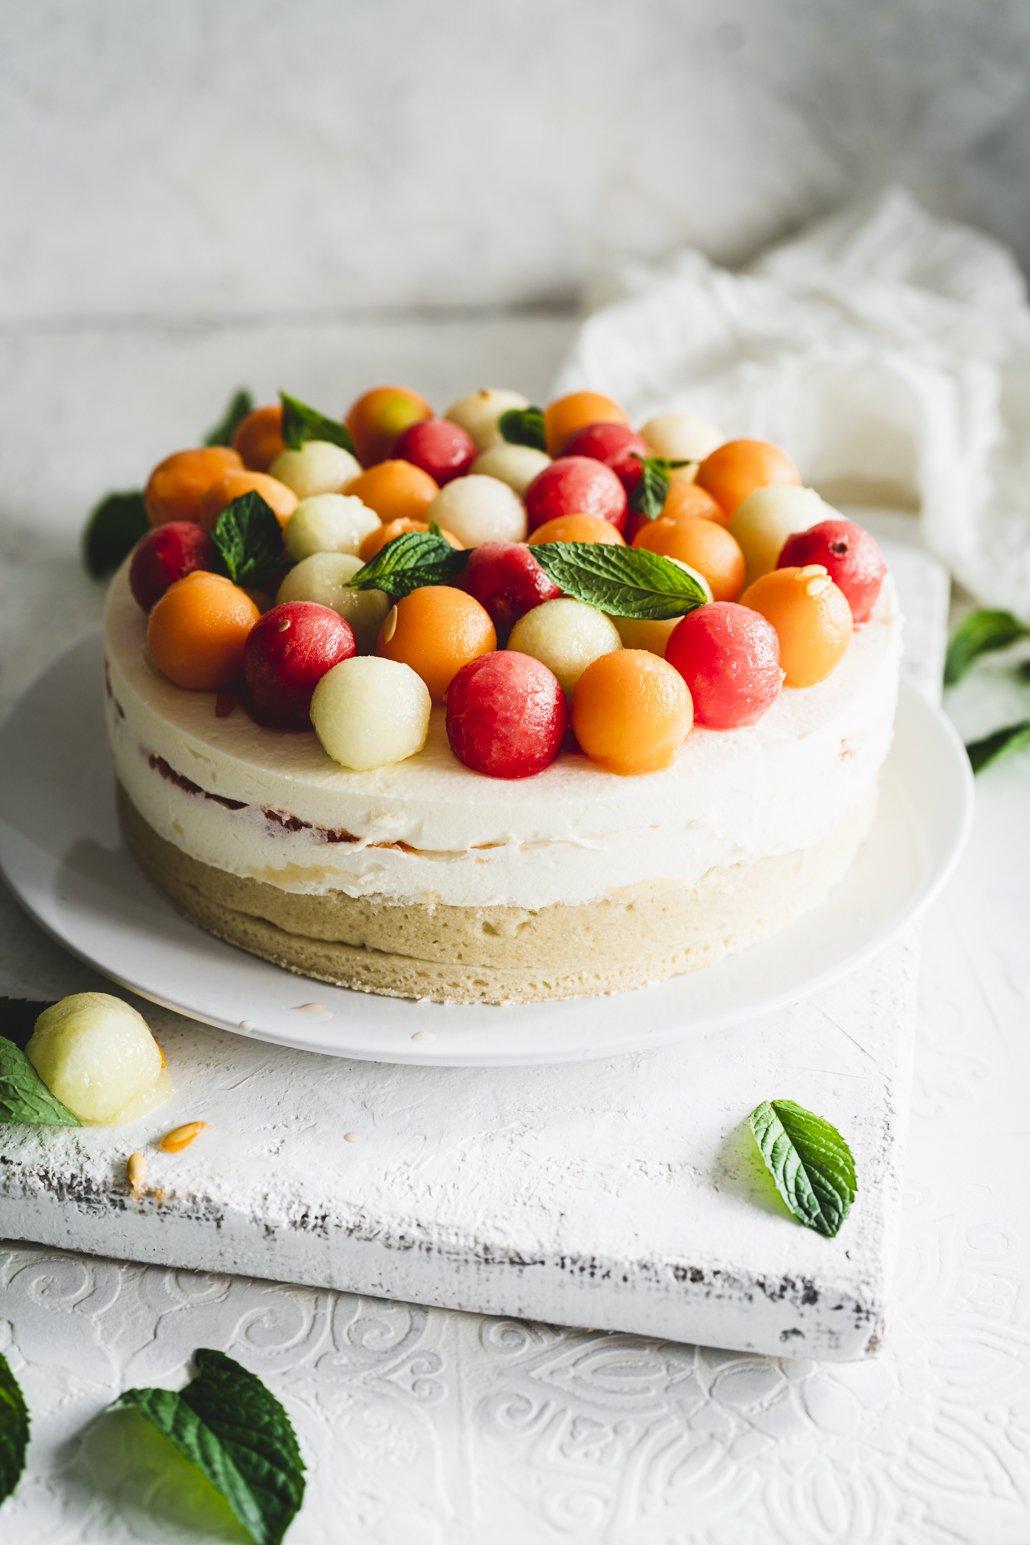 Erfrischende Melonen Torte